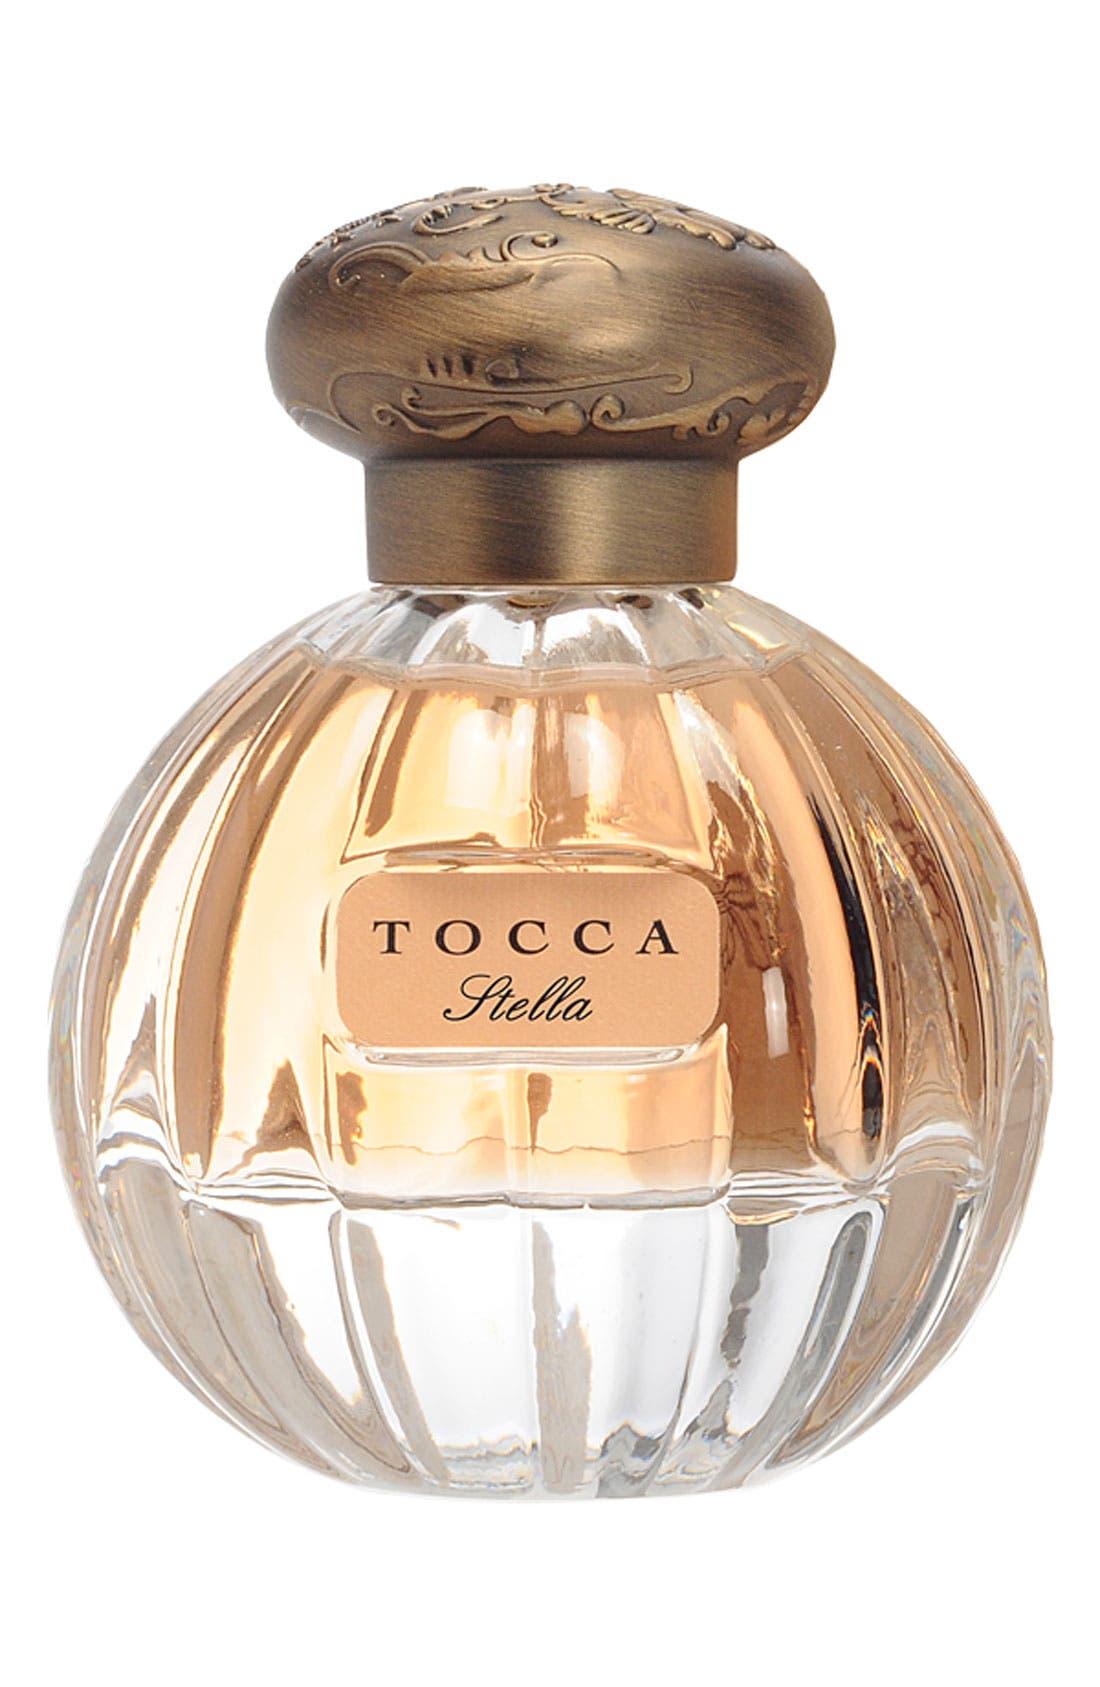 TOCCA 'Stella' Eau de Parfum